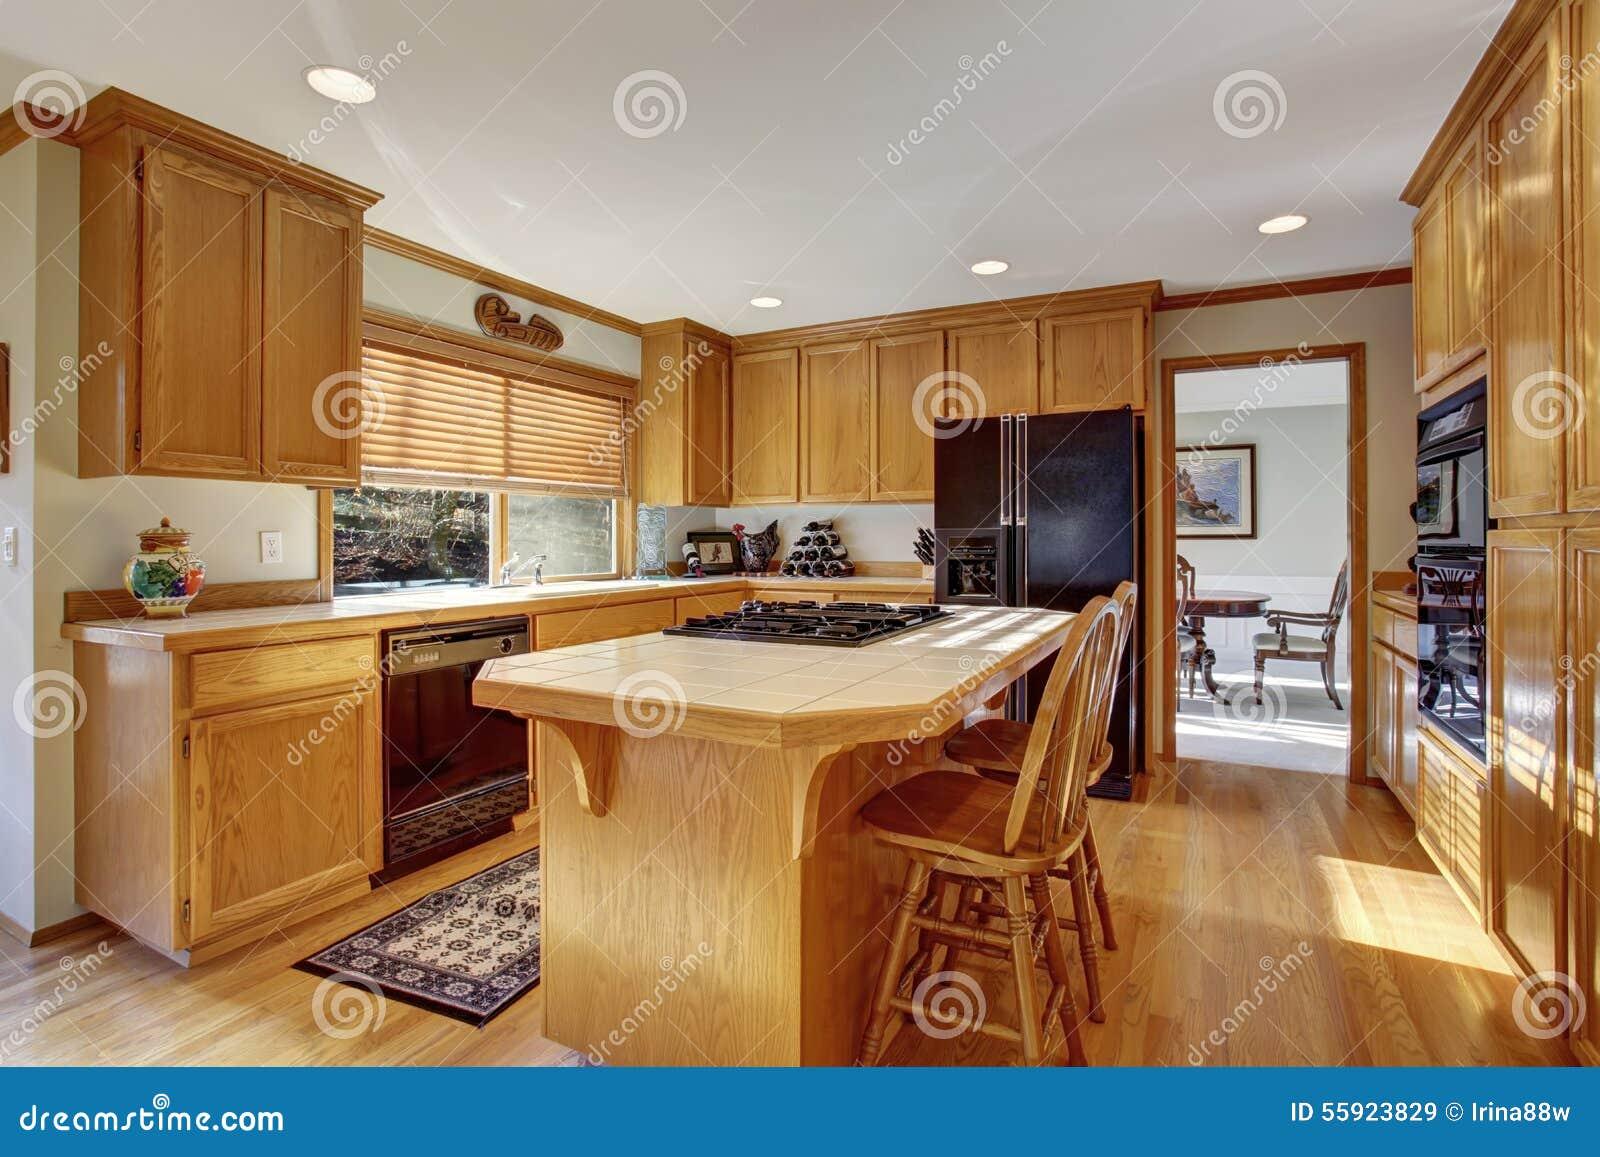 Cozinha Cl Ssica Com Assoalho E Ilha De Folhosa Imagem De Stock